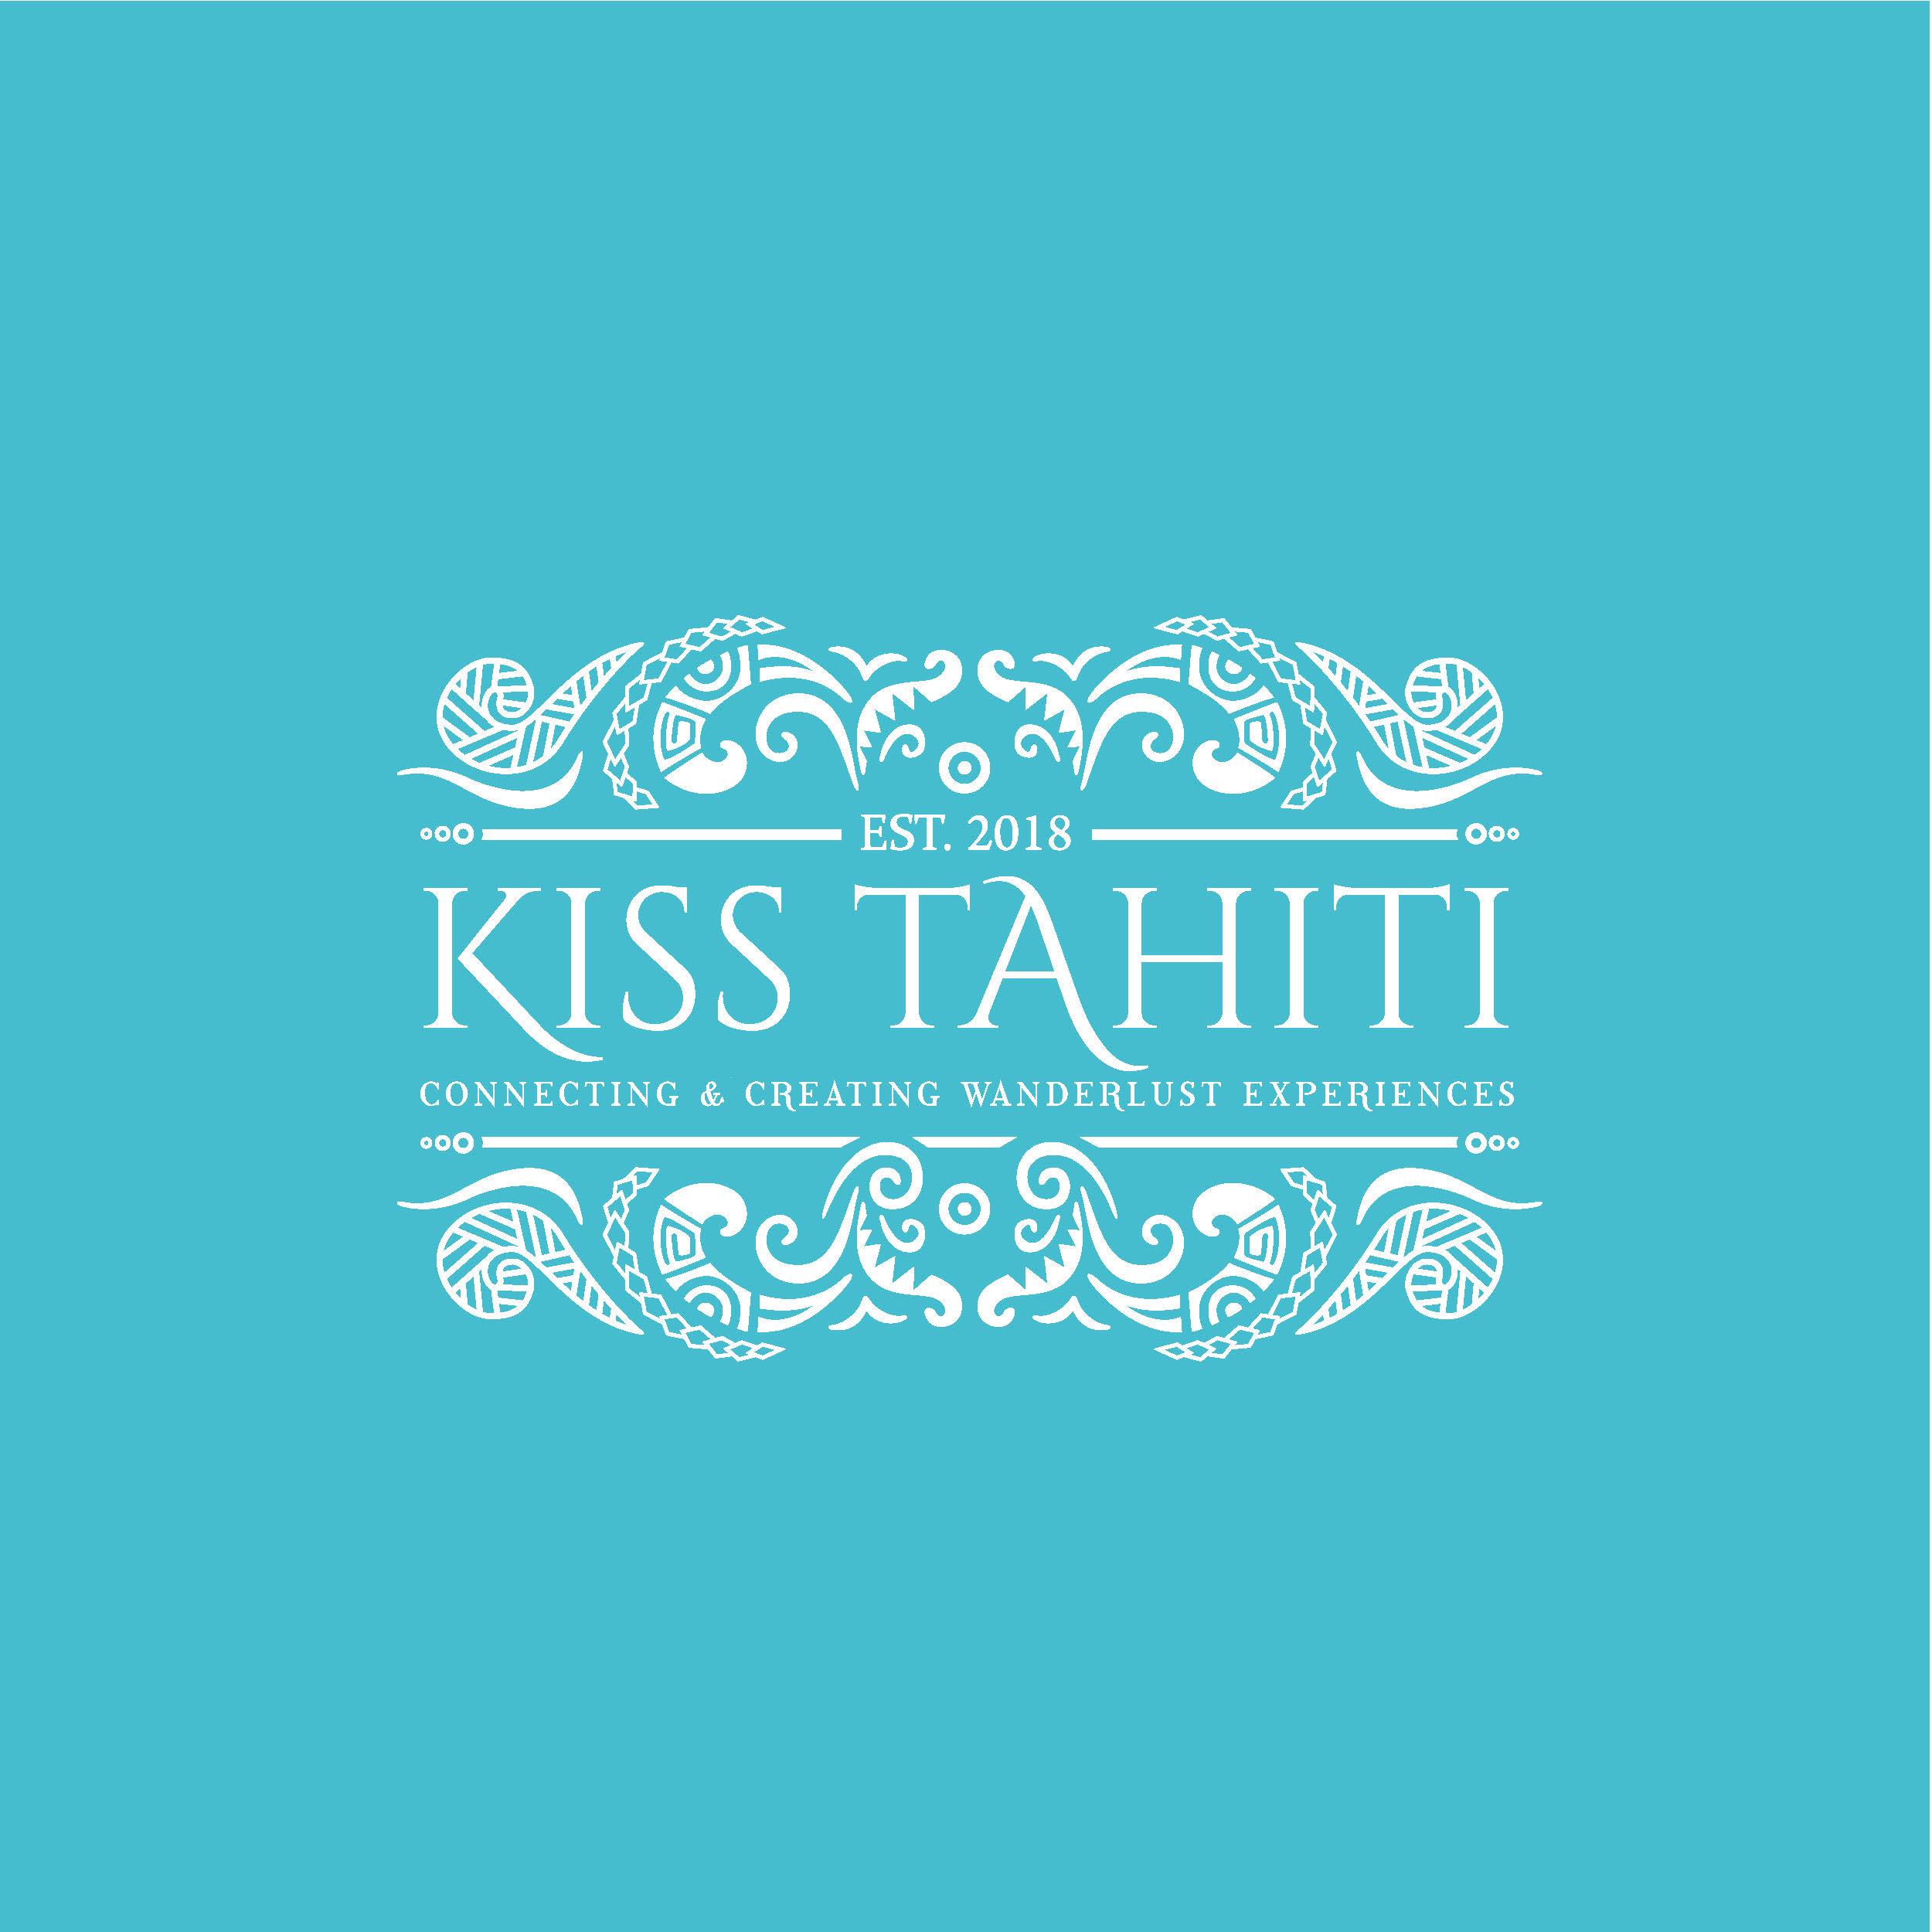 Kiss Tahiti